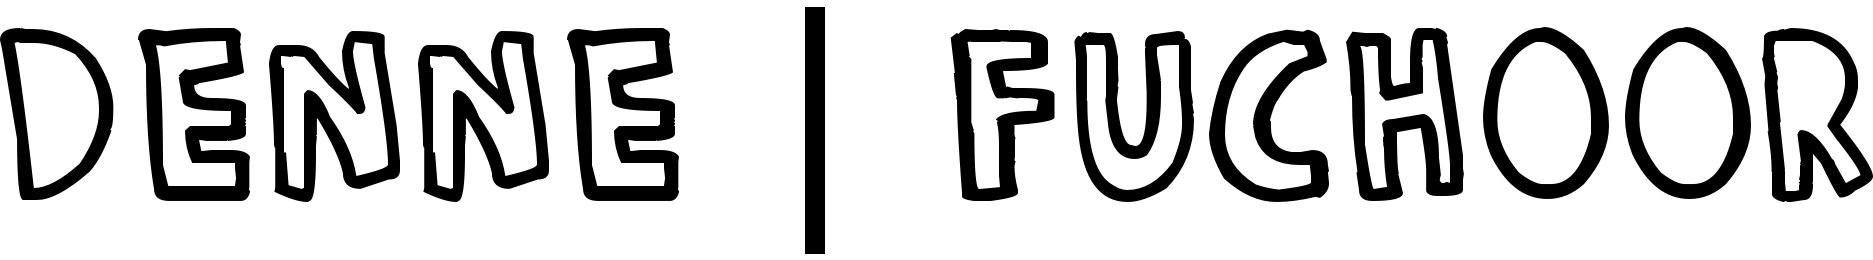 DENNE | Fuchoor